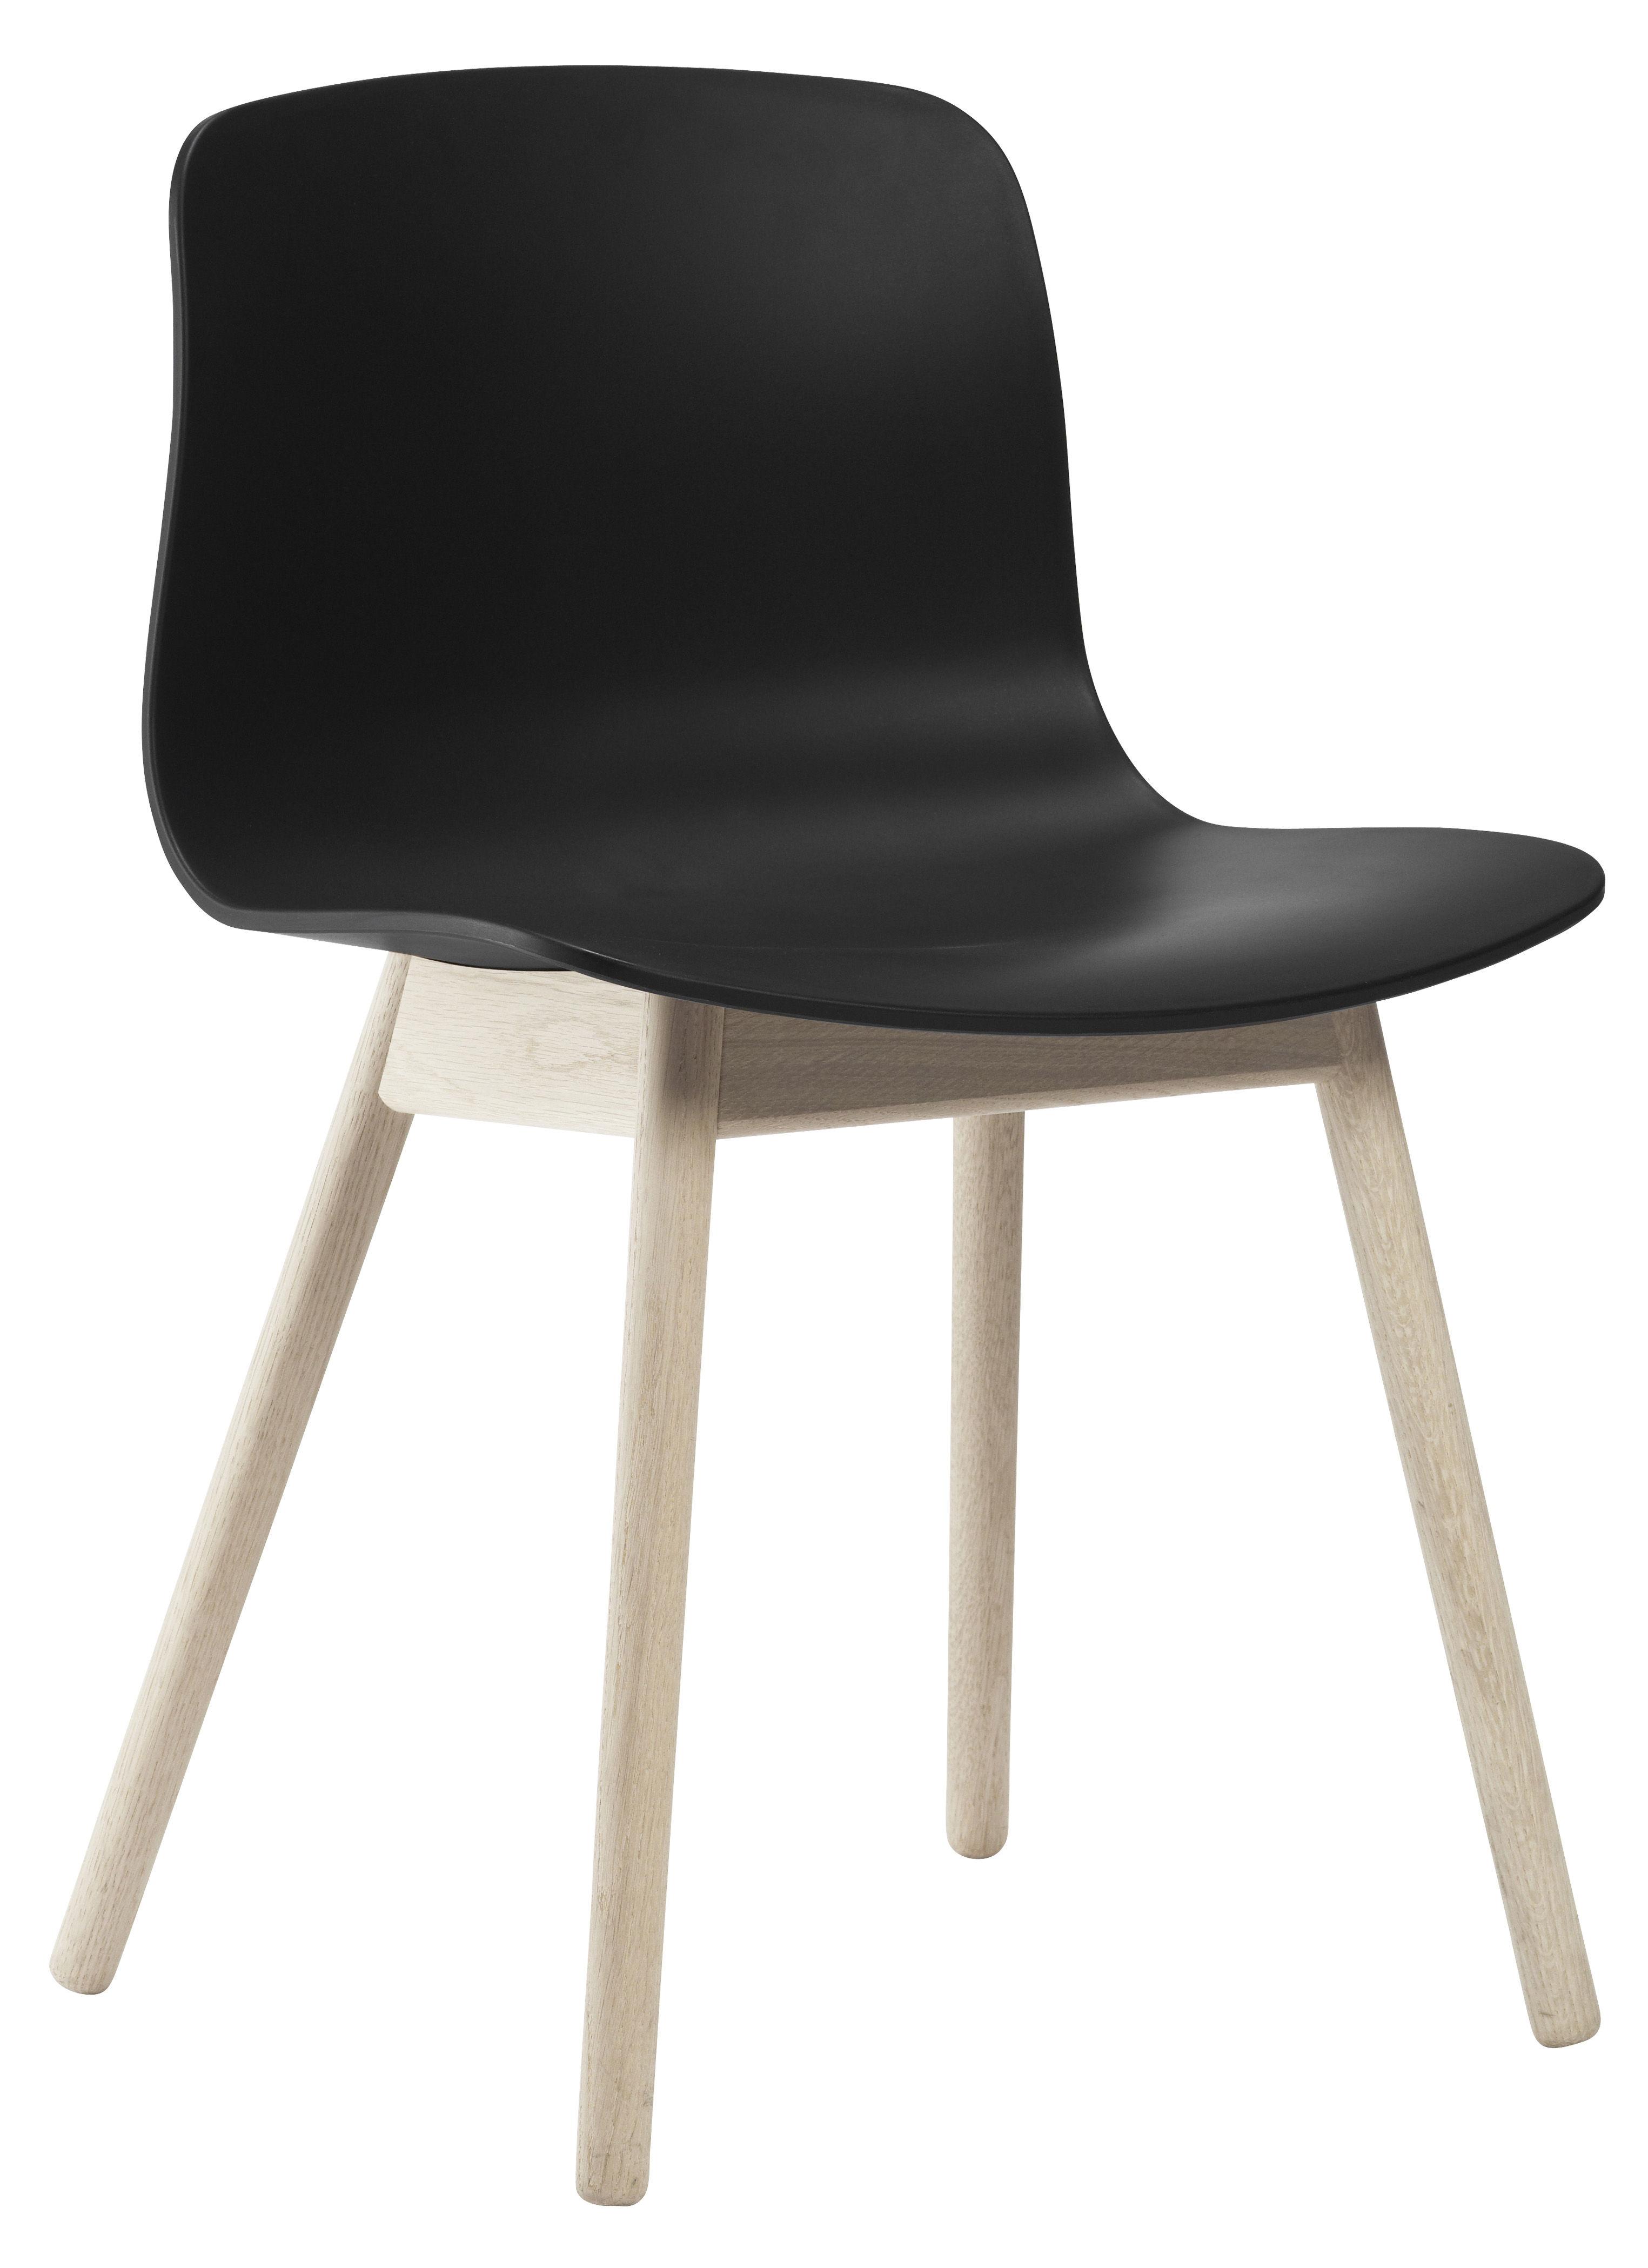 Chaise about a chair aac12 plastique pieds bois noir for Chaise noir pied bois